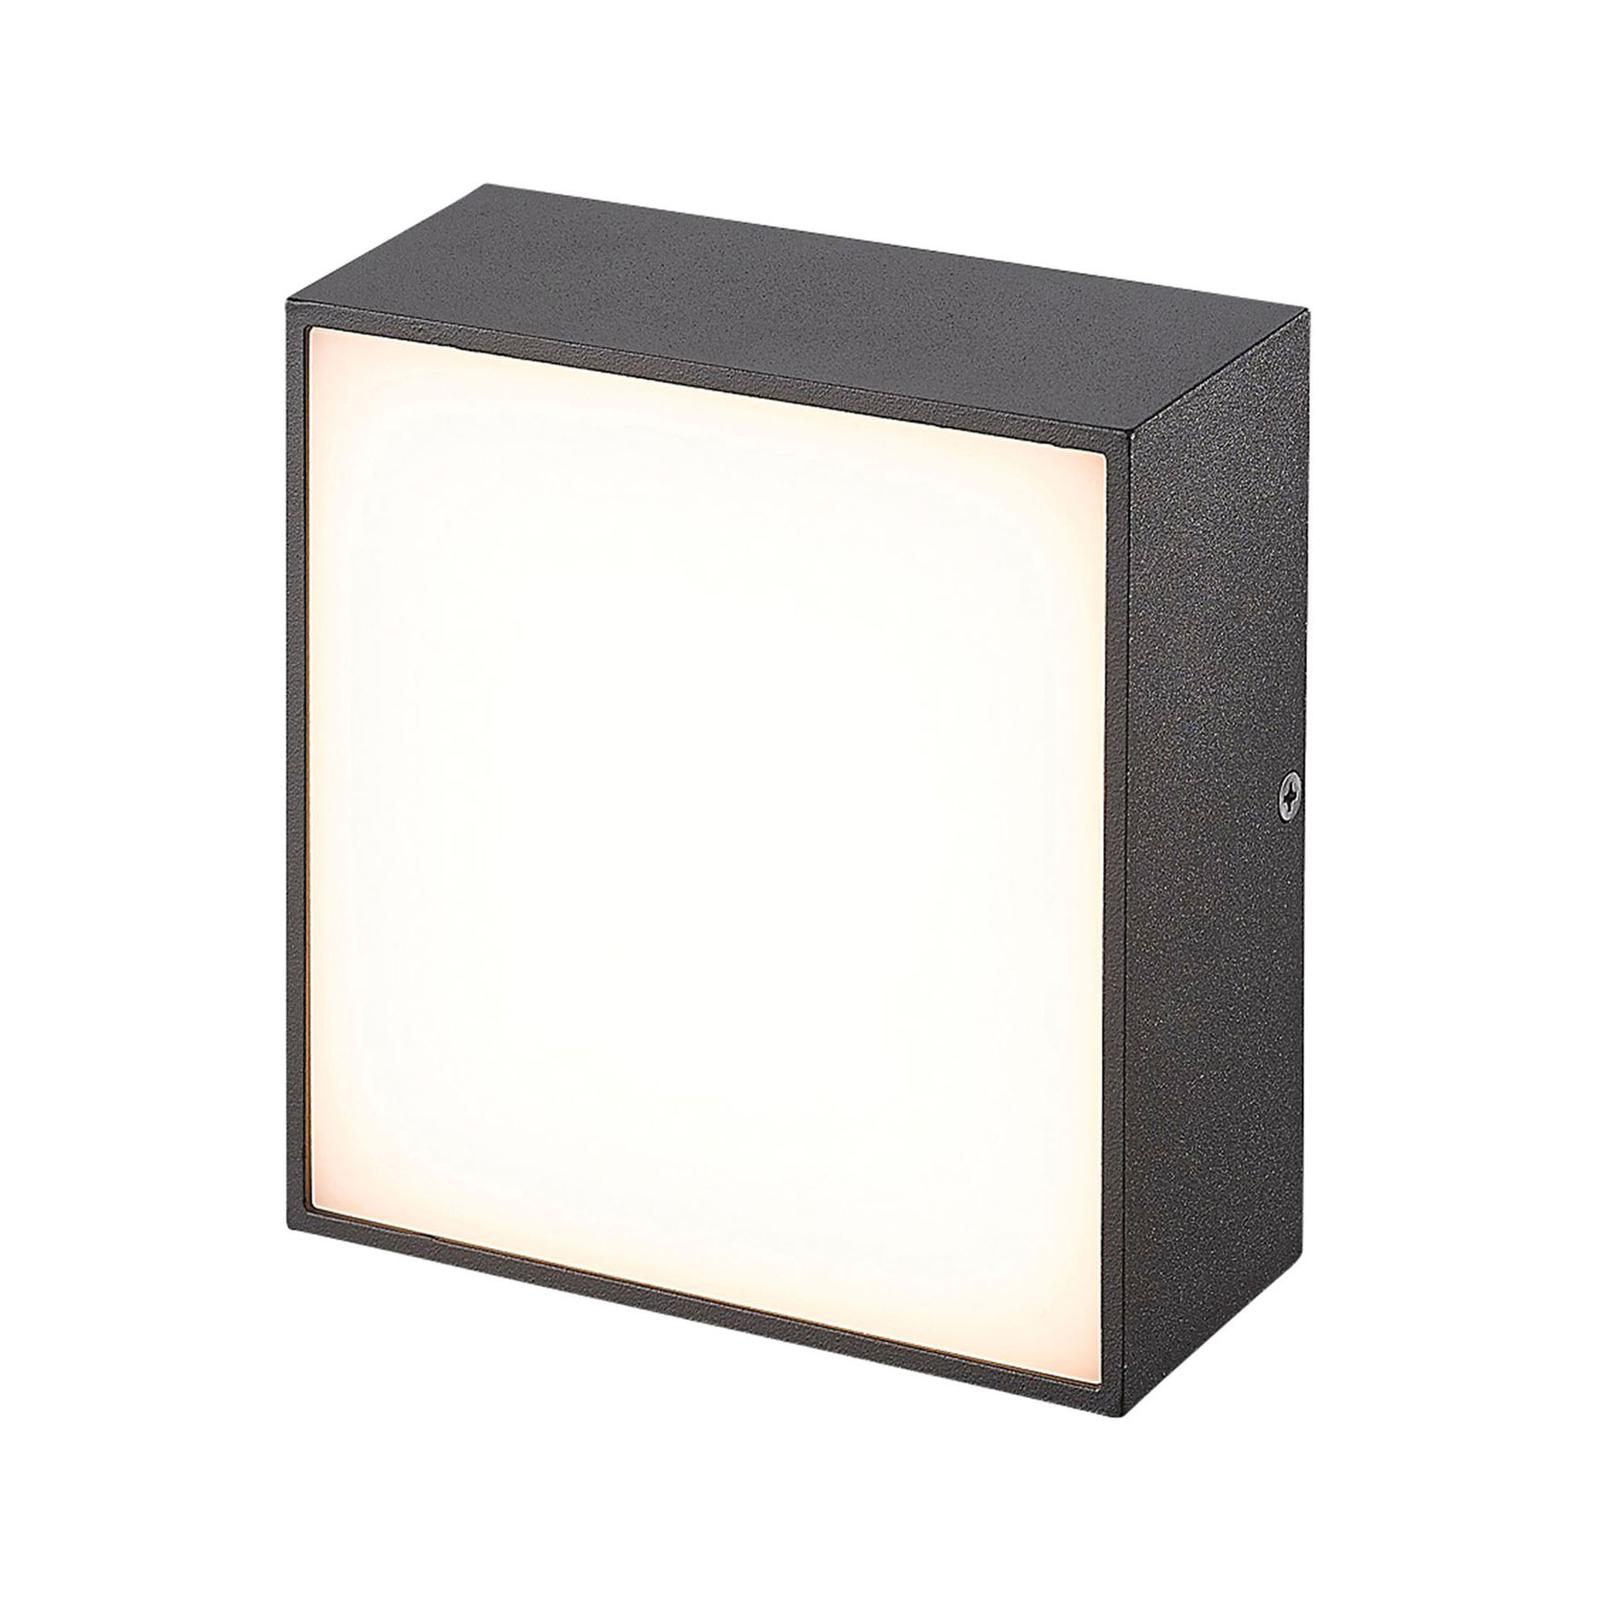 Applique d'extérieur LED CMD 9023, 14 x 14cm